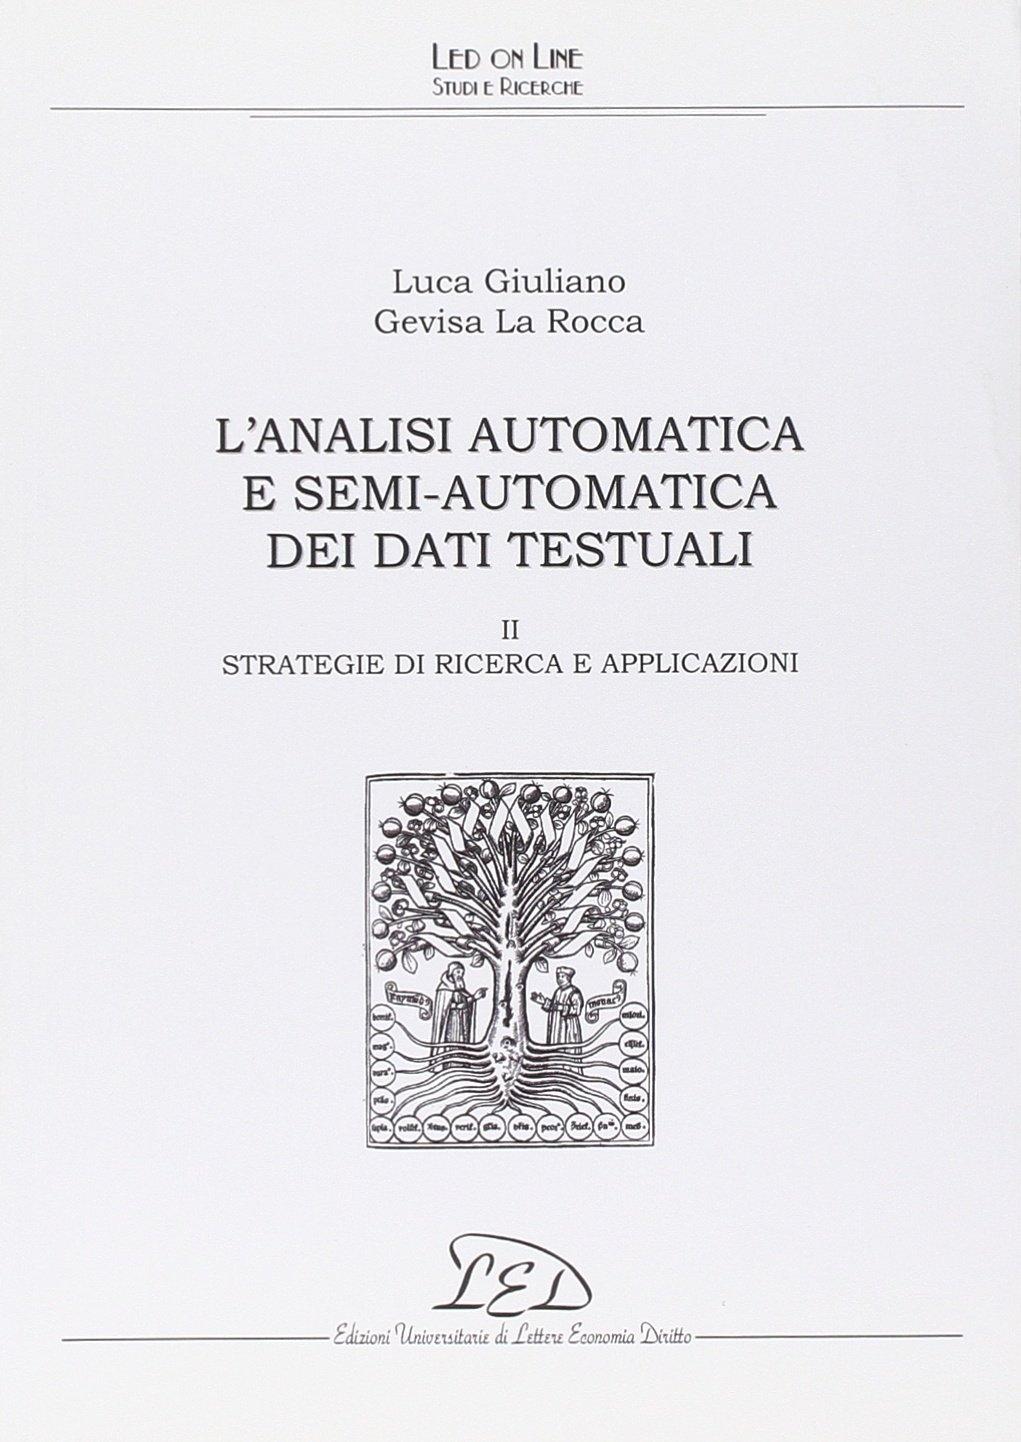 L'analisi automatica e semi-automatica dei dati testuali. Vol. 2: Strategie di ricerca e applicazioni.